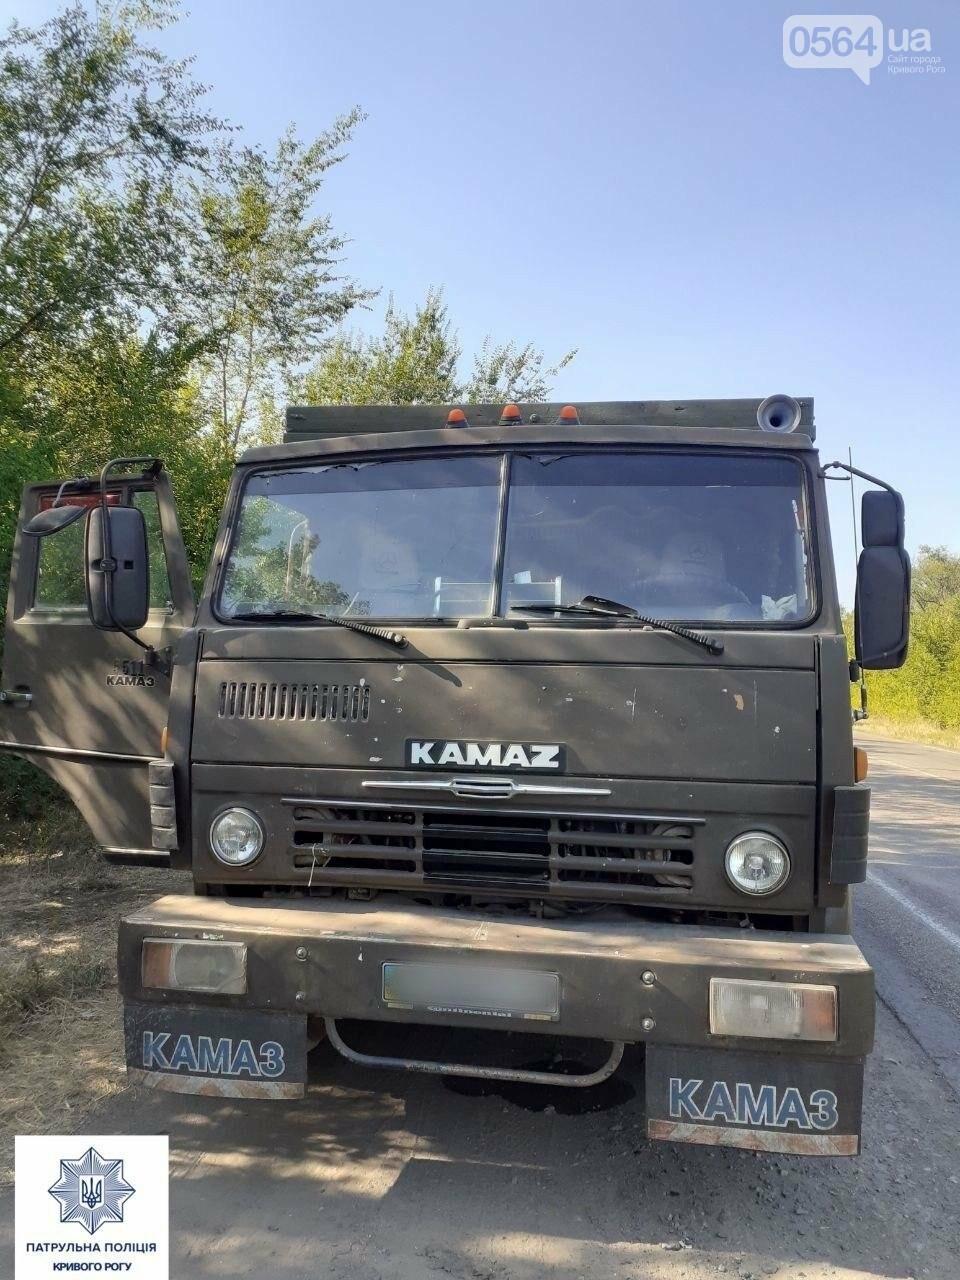 Водитель, нарушивший ПДД, предложил криворожским копам 500 гривен взятки , фото-1